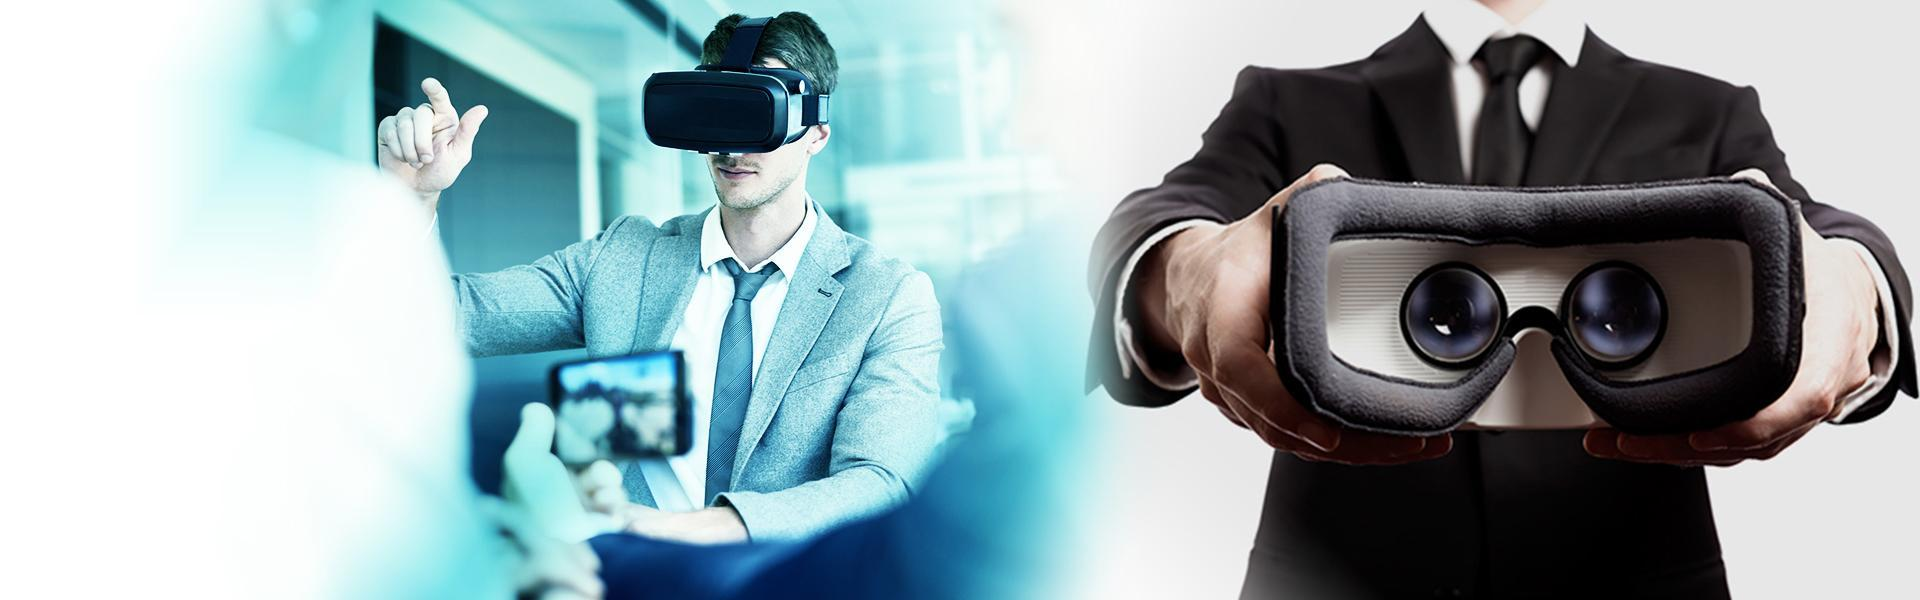 szkolenia-i-warsztaty-z-wykorzystaniem-wirtualnej-rzeczywistosci-VR-szkolenia-dla-firm-kompetencyjne-kursy-zawodowe